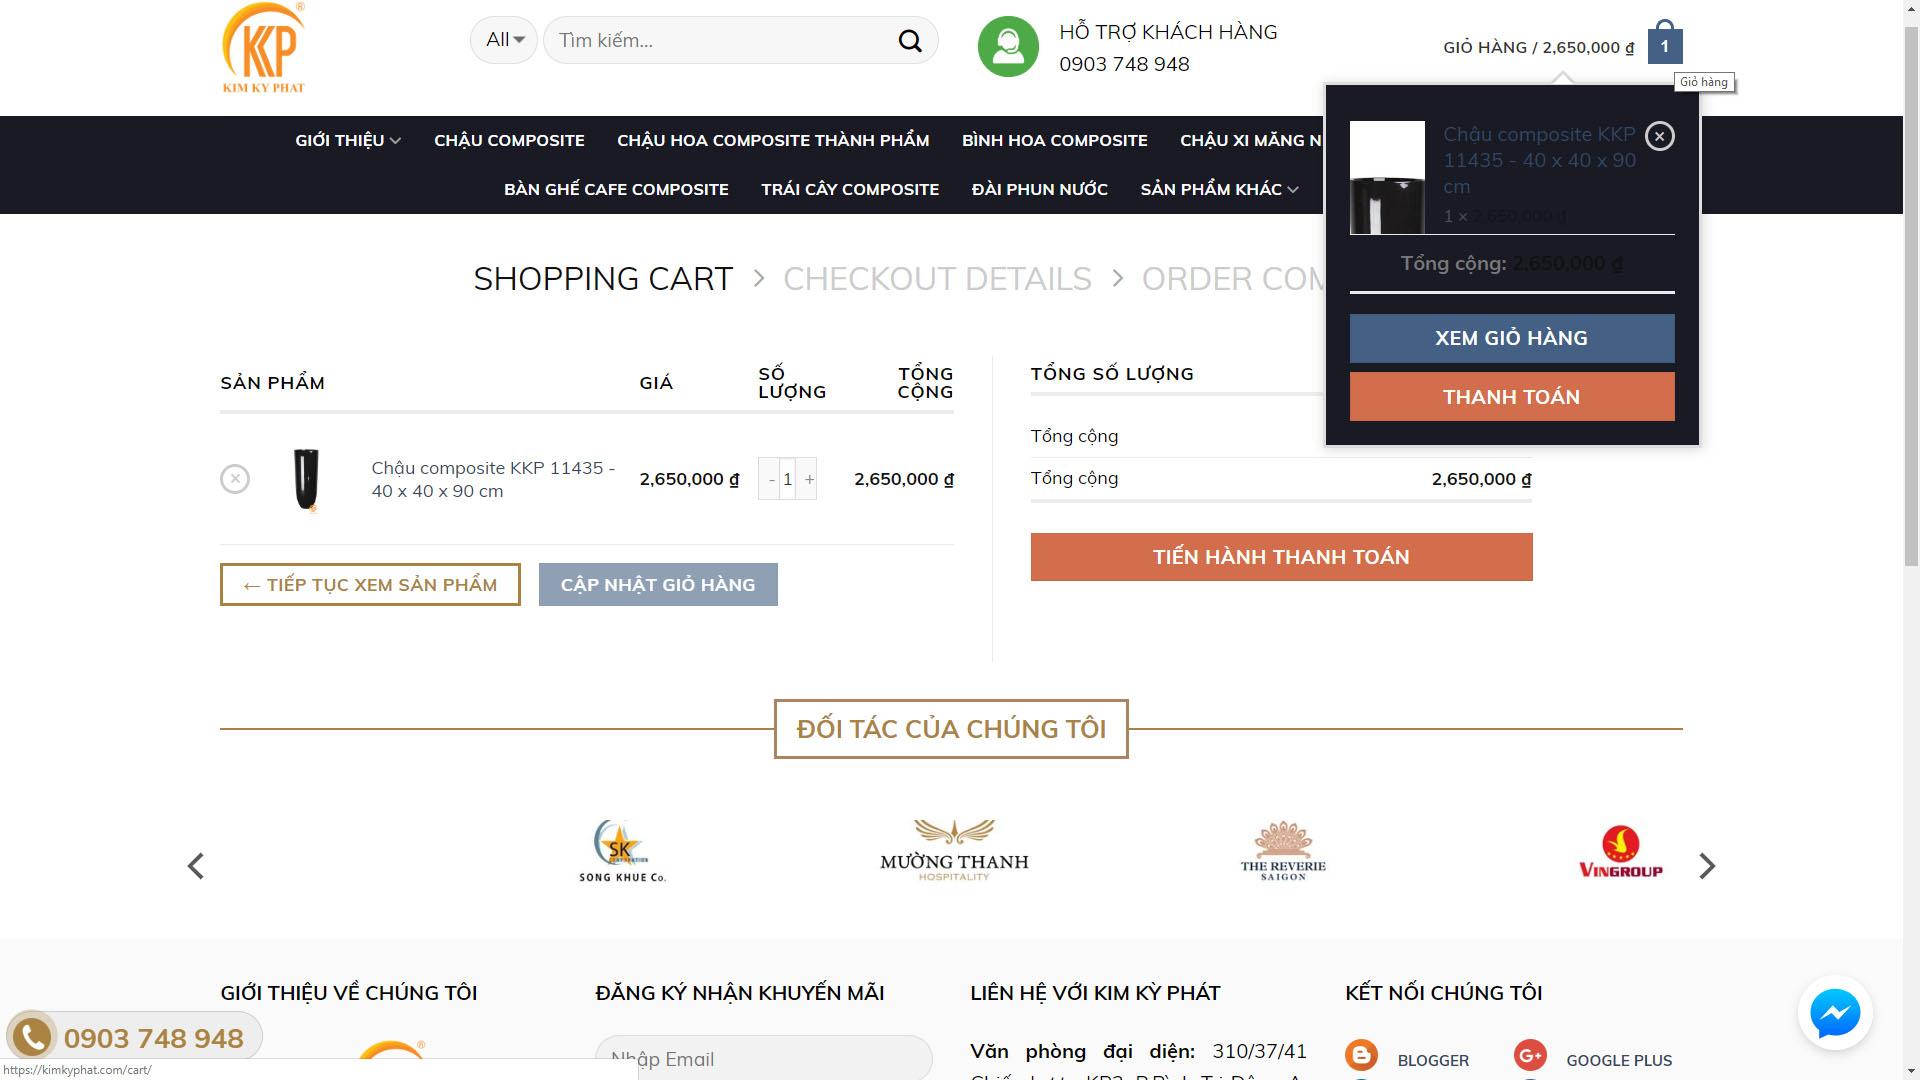 hướng dẫn mua hàng online kkp